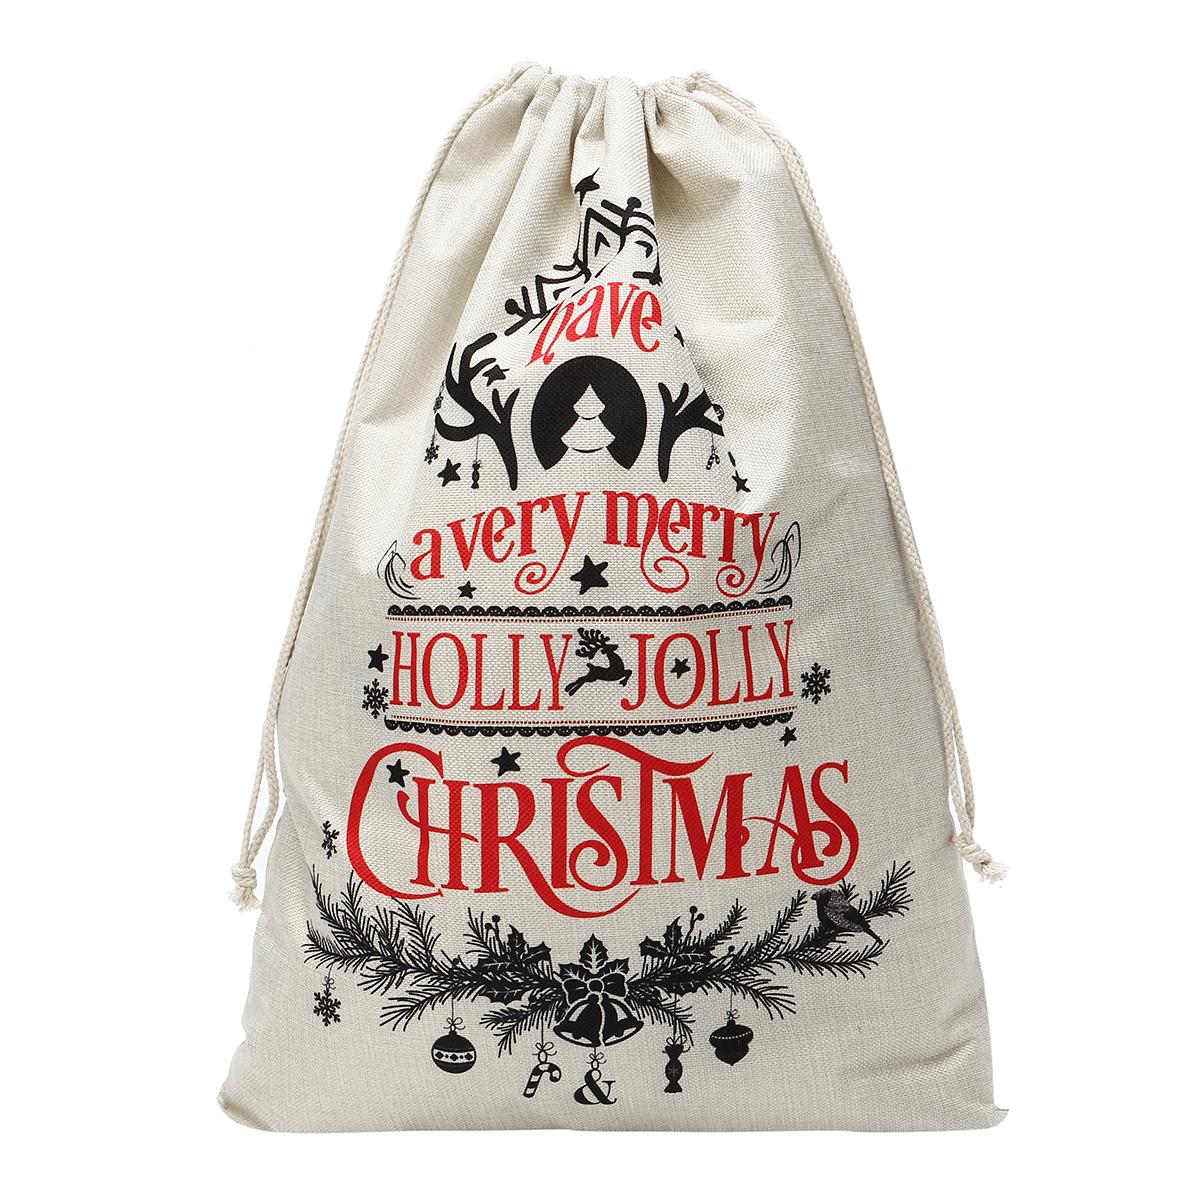 БольшойрождественскийгессенскийпакетизСанта-Клауса Stocking Сумка Подарки оленей Сумка Кухонный контейнер для хранения